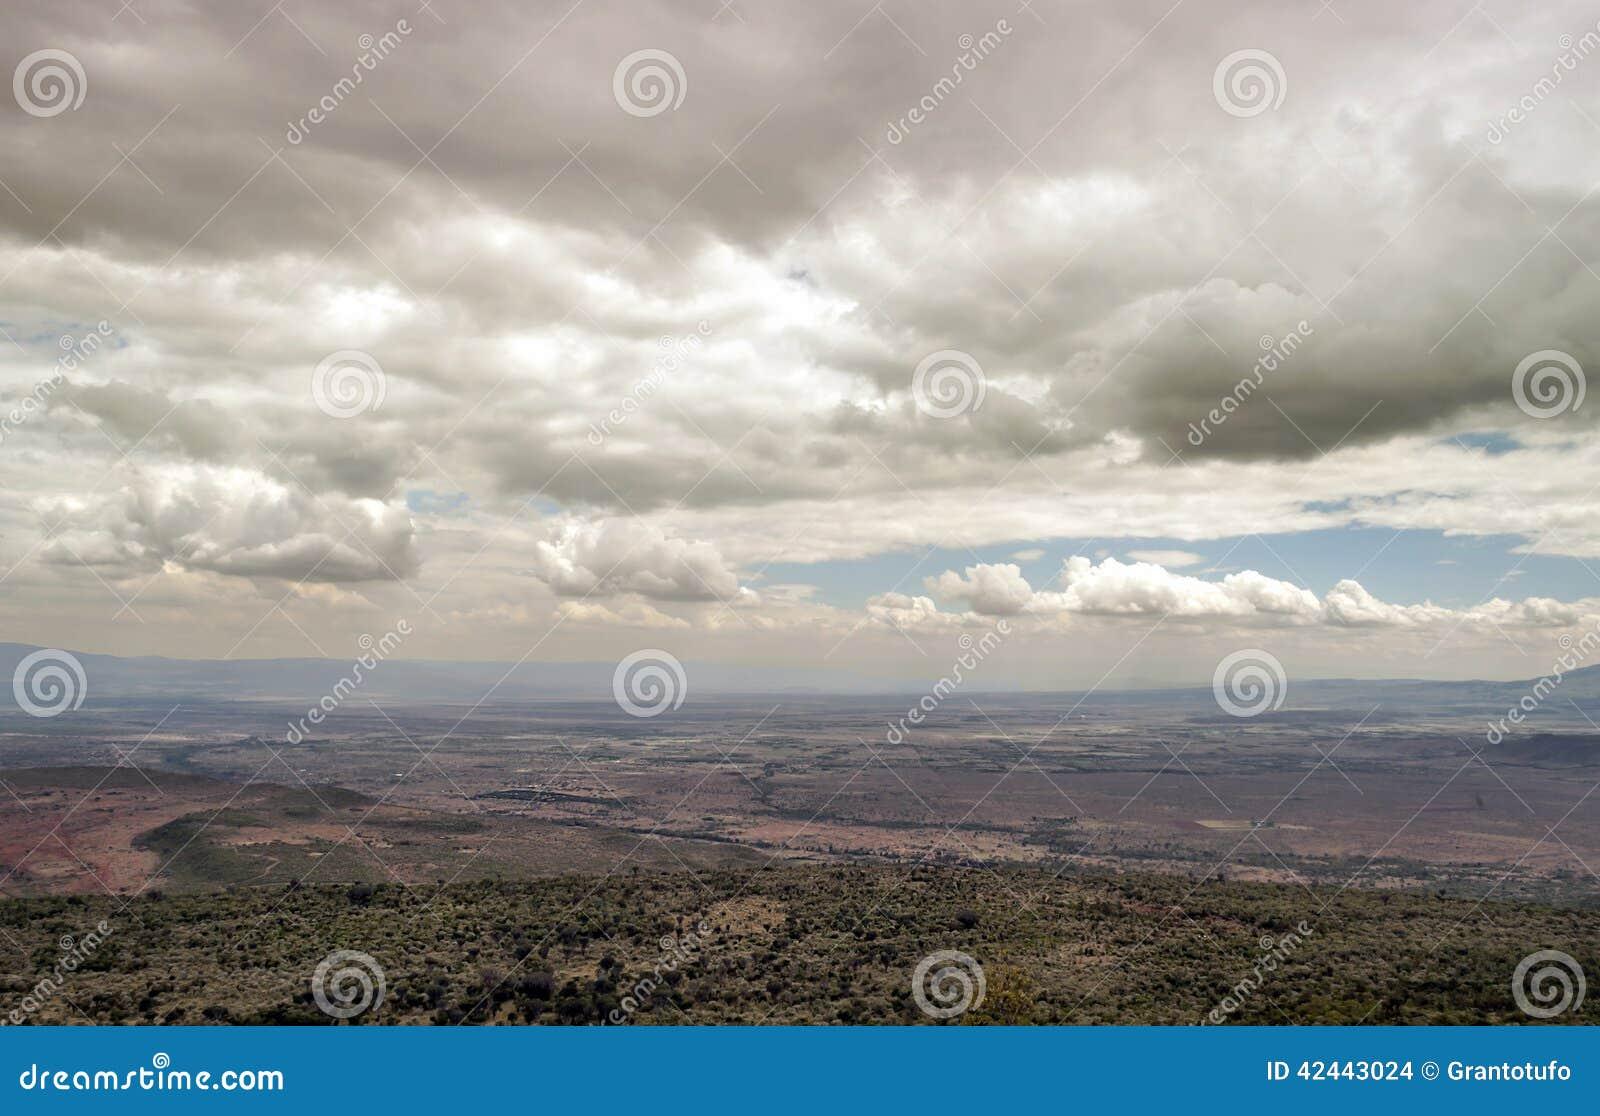 Montañas en un valle de Kenia